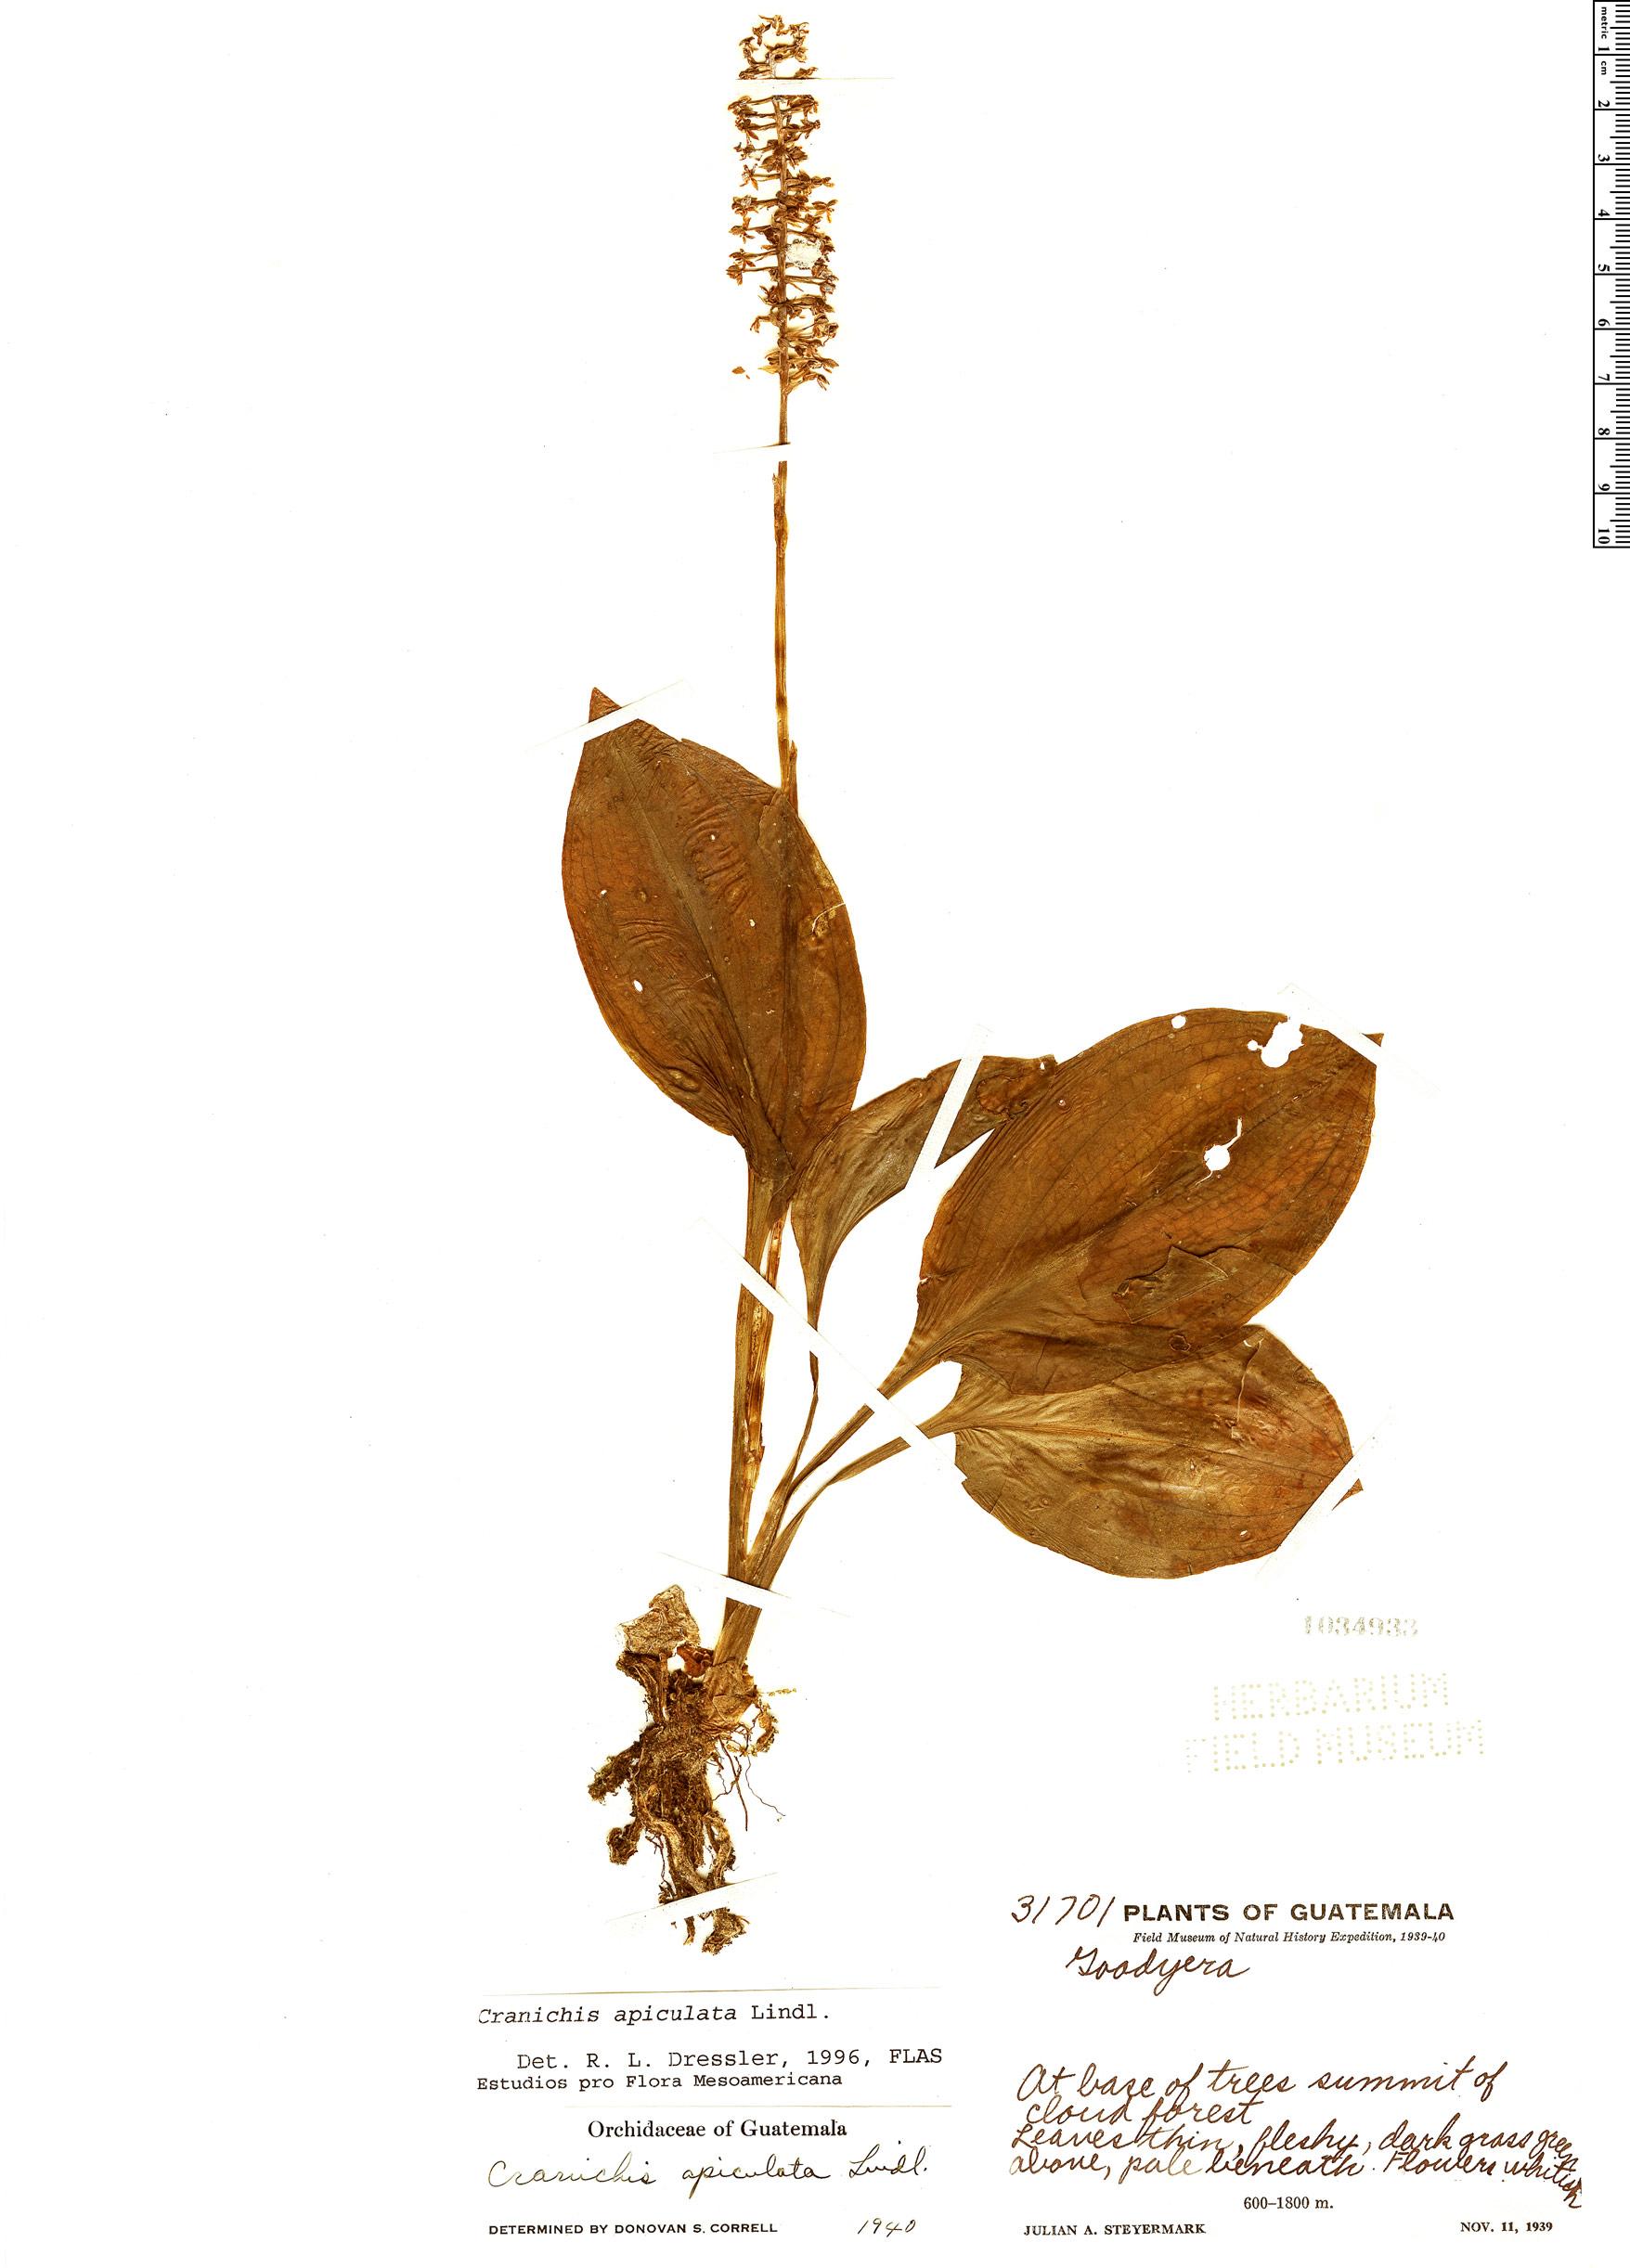 Specimen: Cranichis apiculata